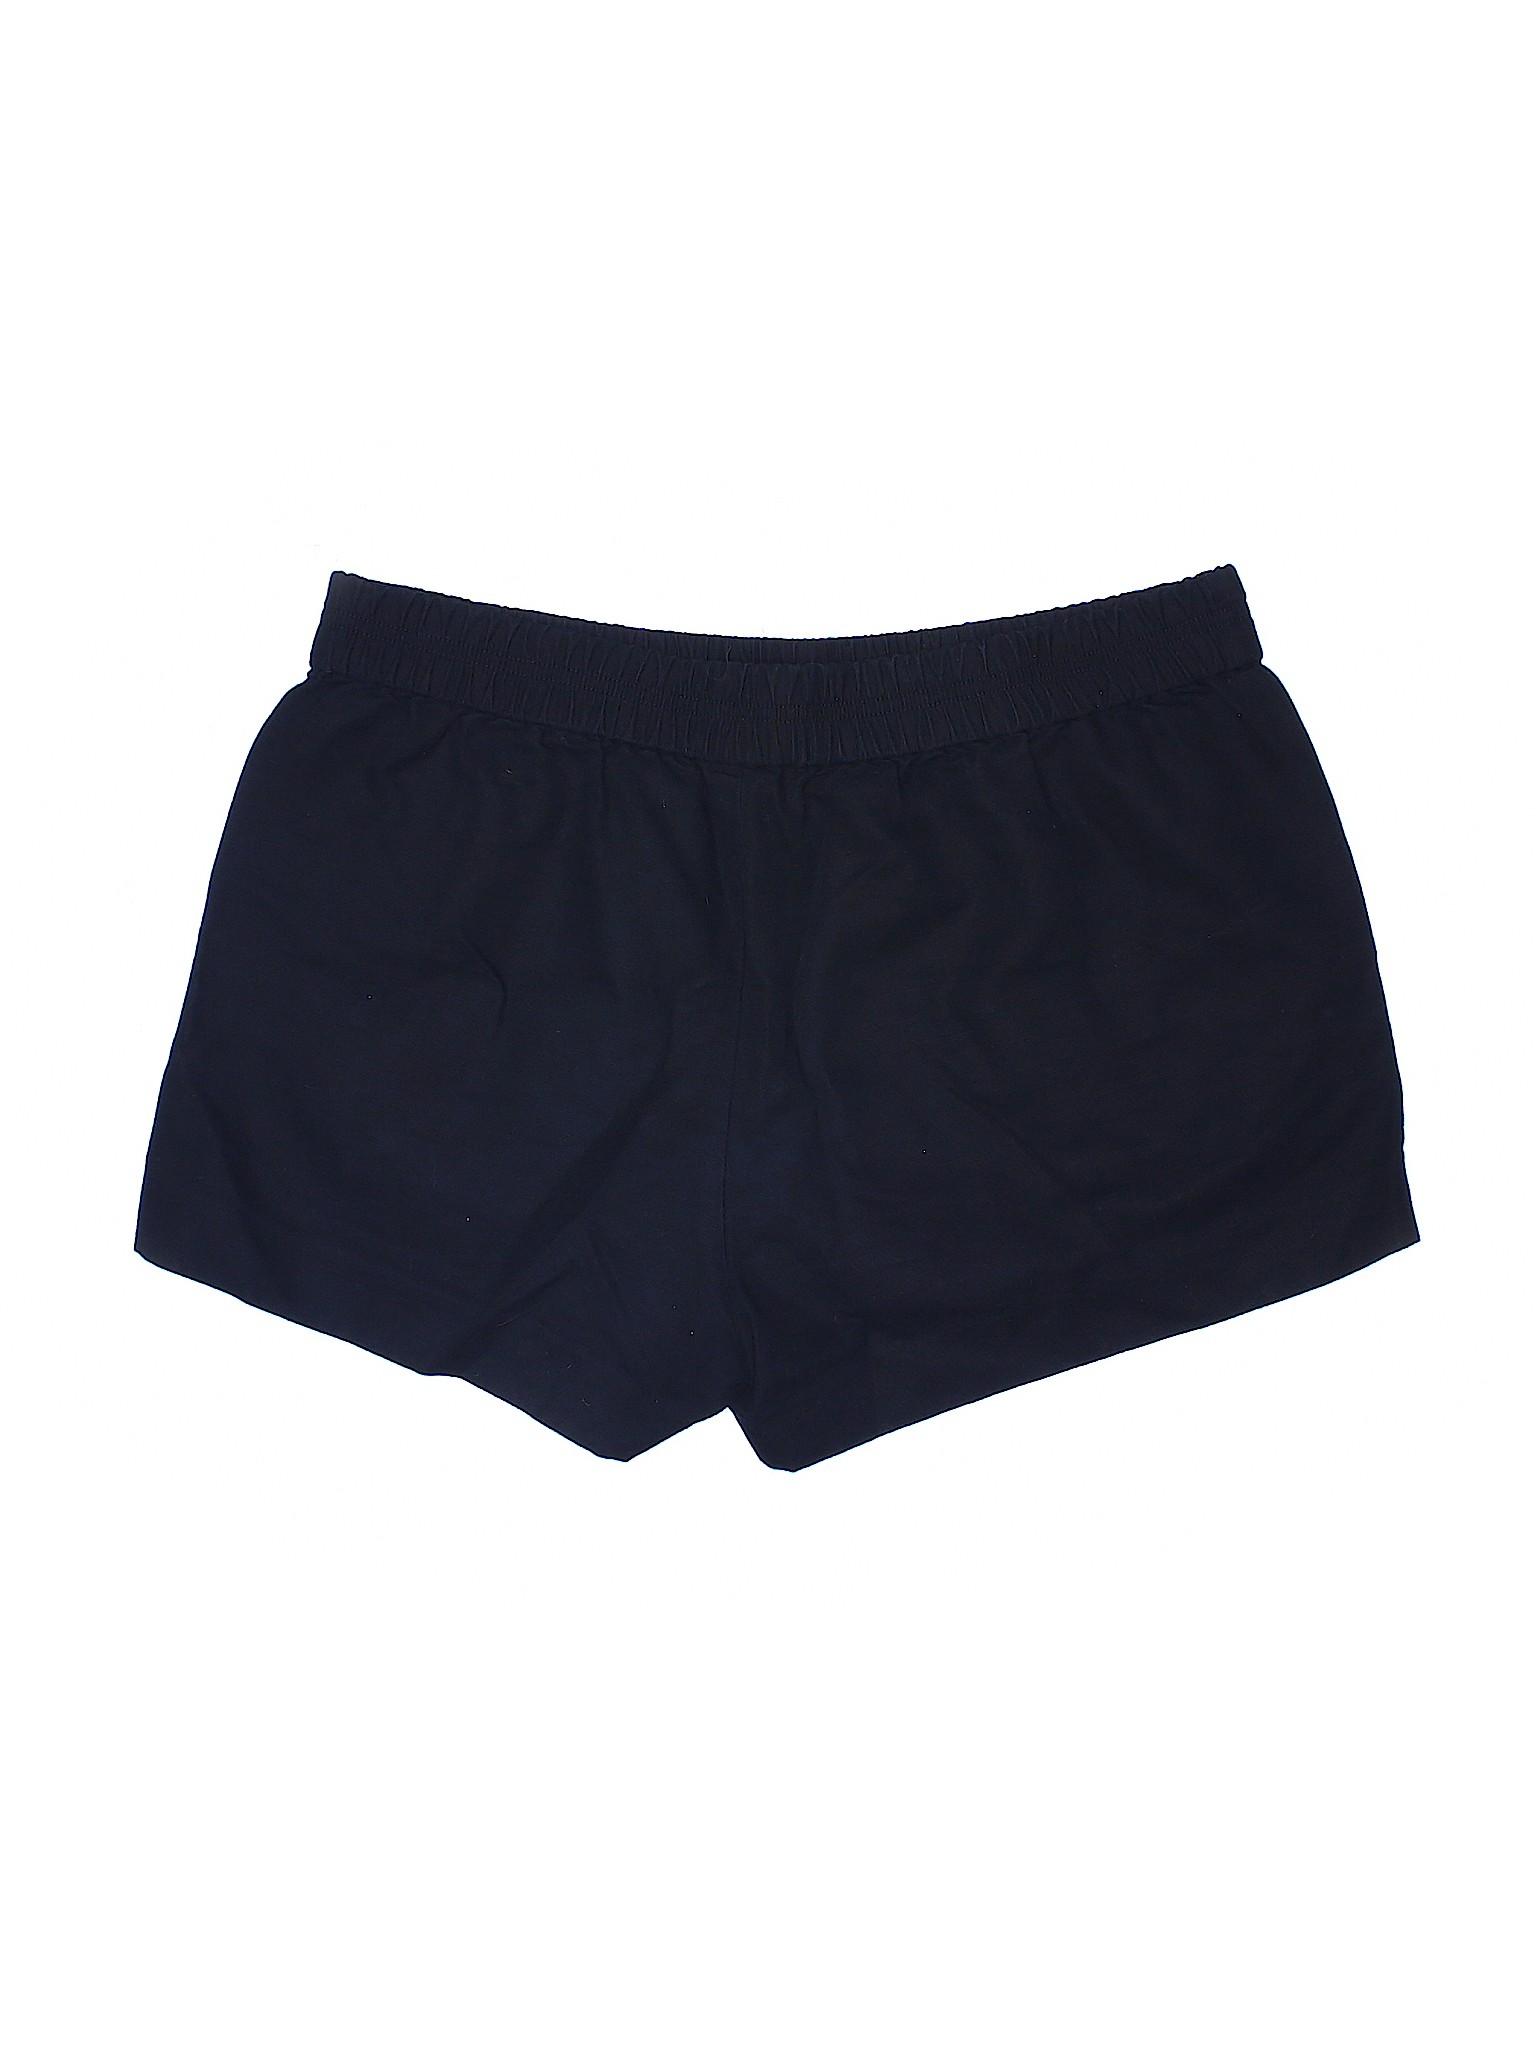 J Shorts Boutique J Boutique Crew wg7Z88O0q